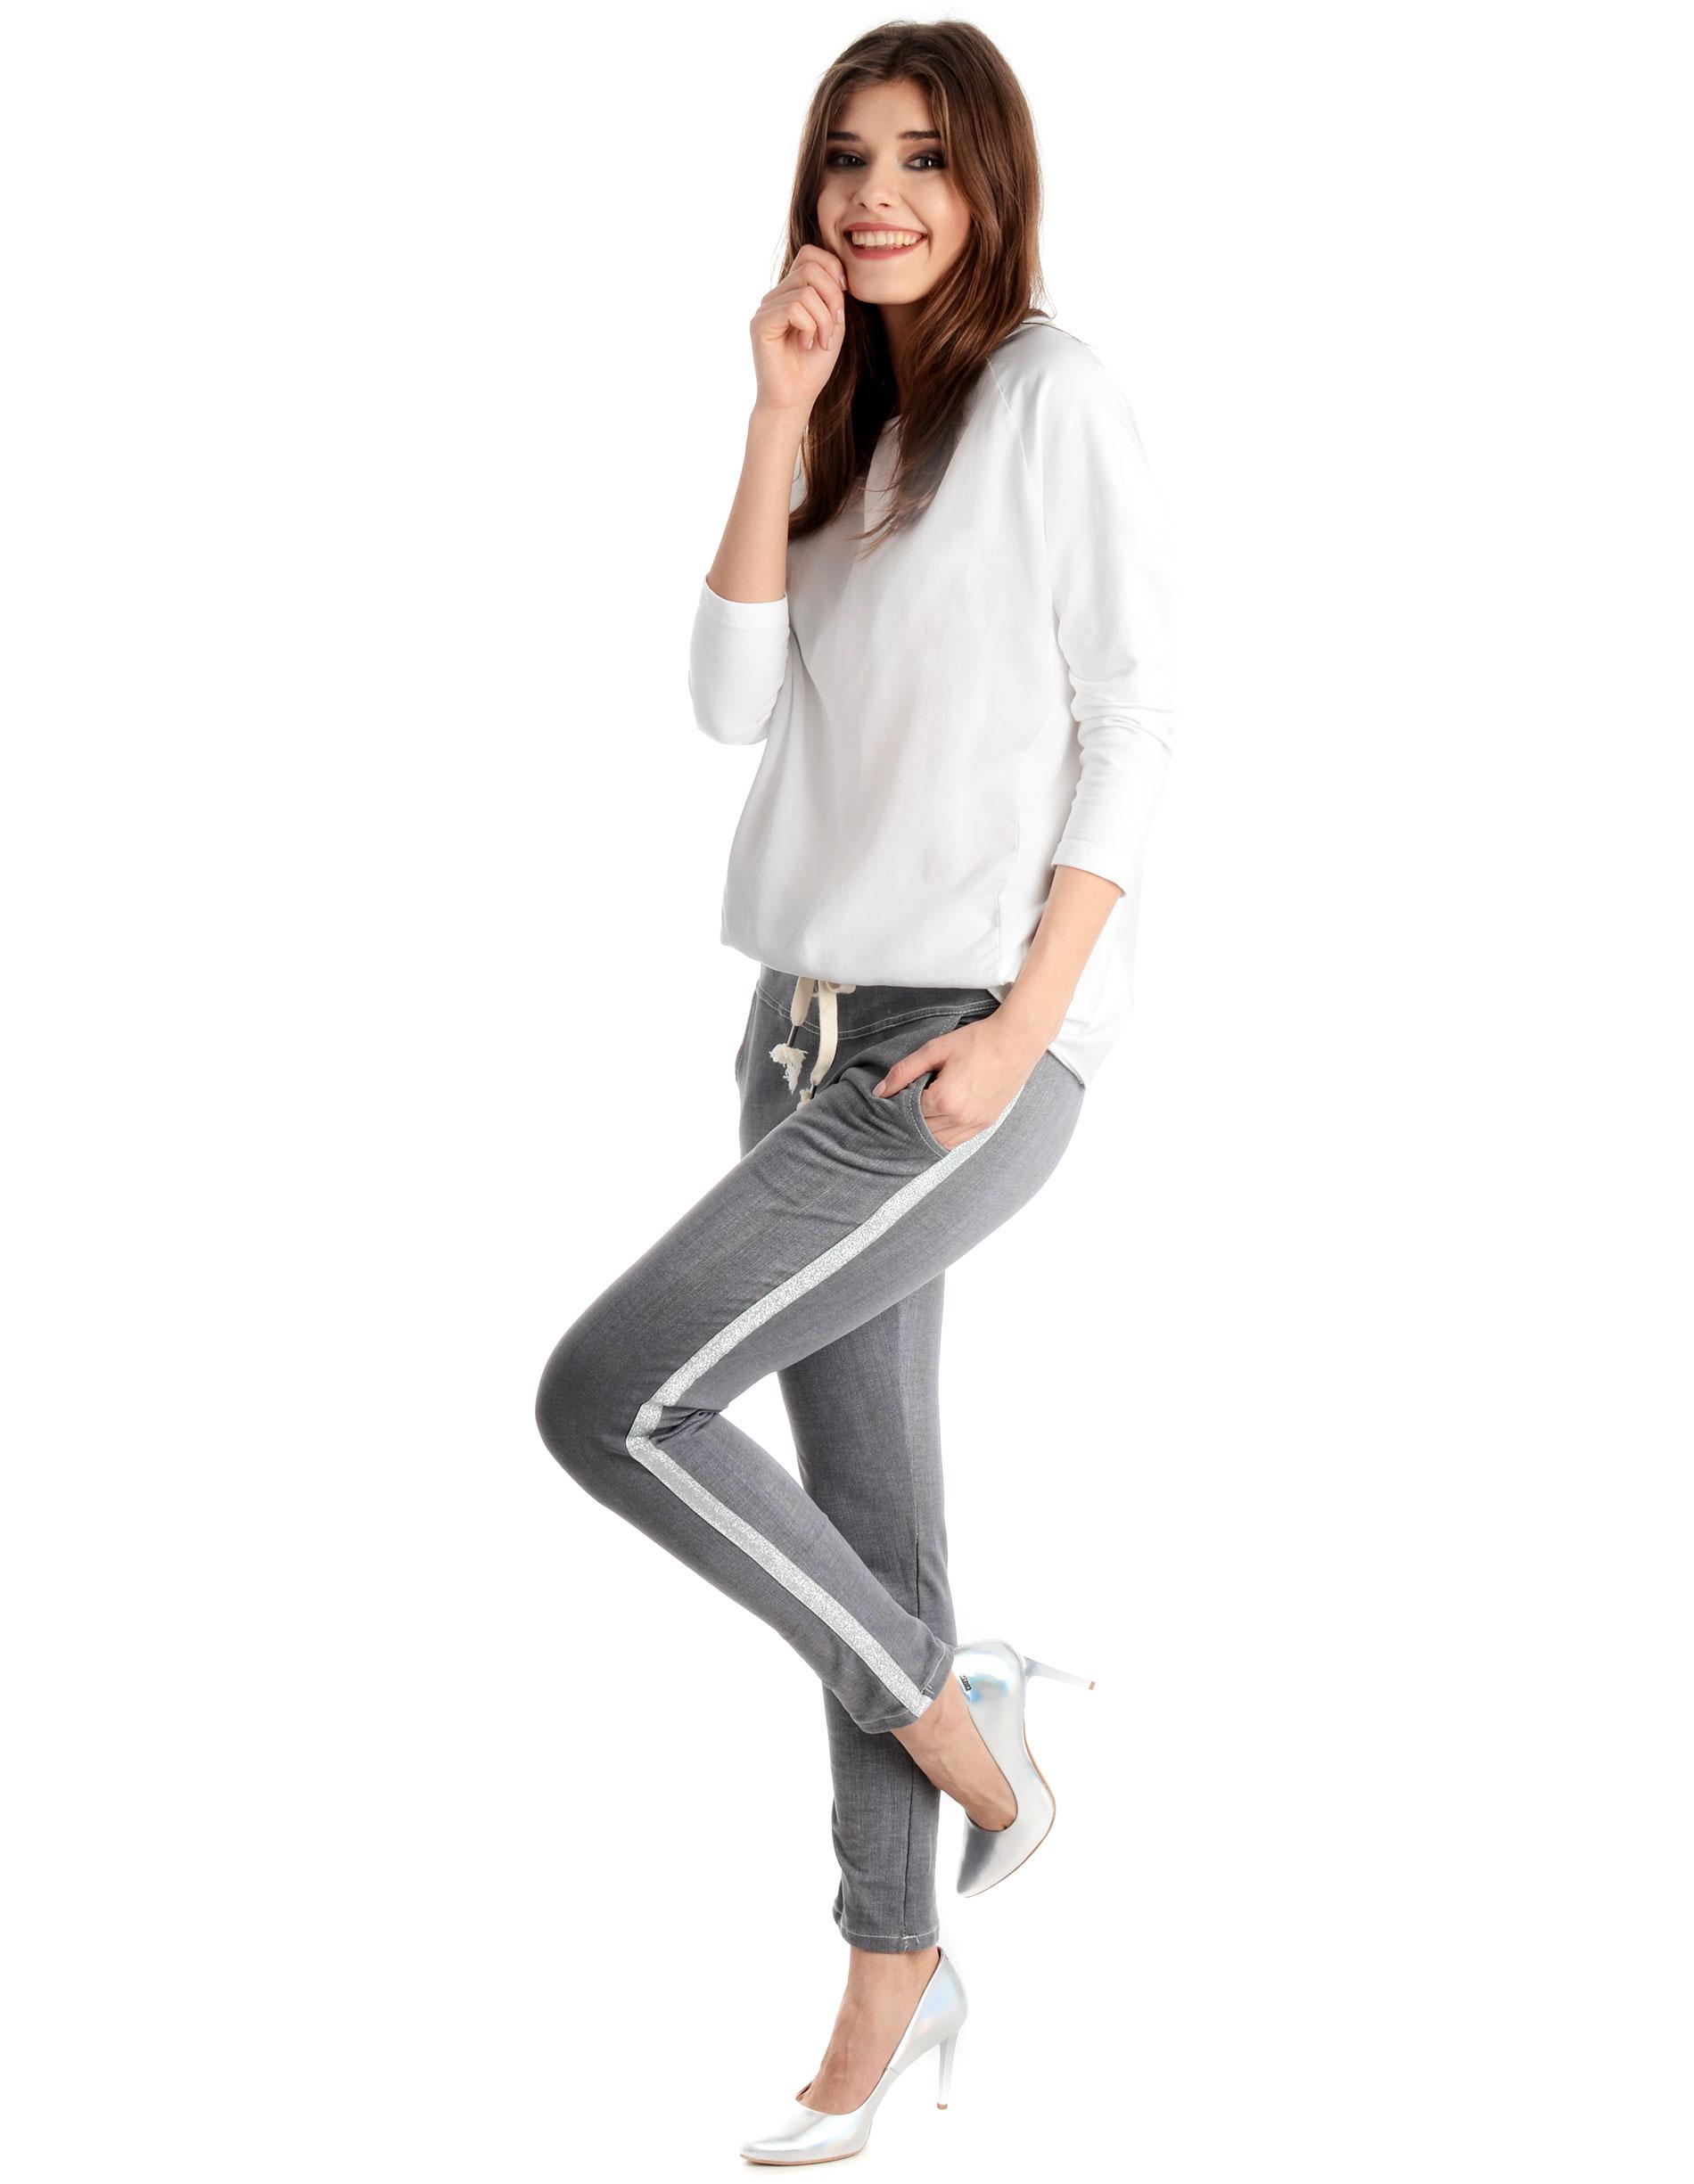 Spodnie - 146-168193 GR - Unisono